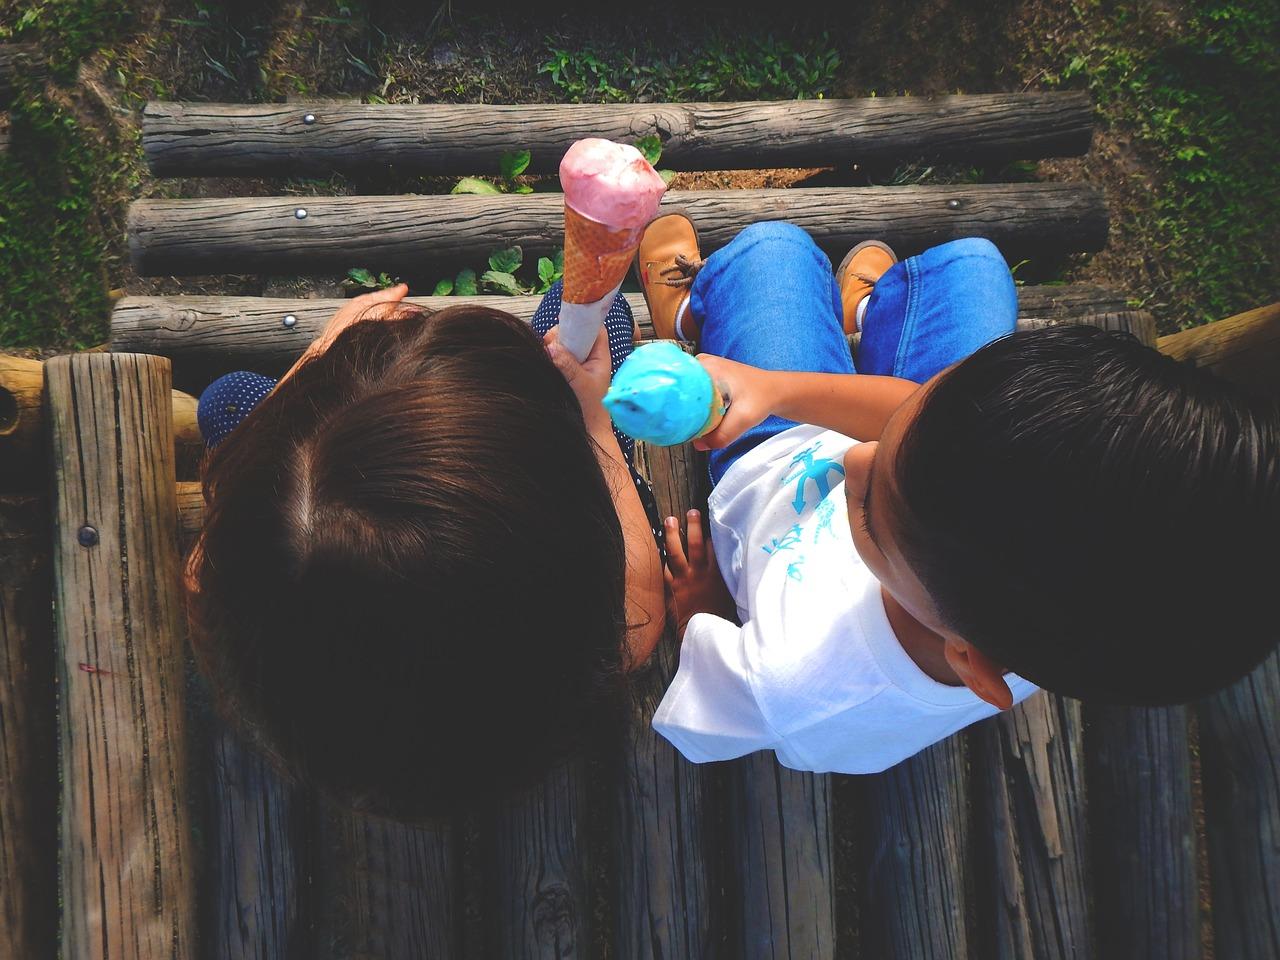 Kids sharing ice cream